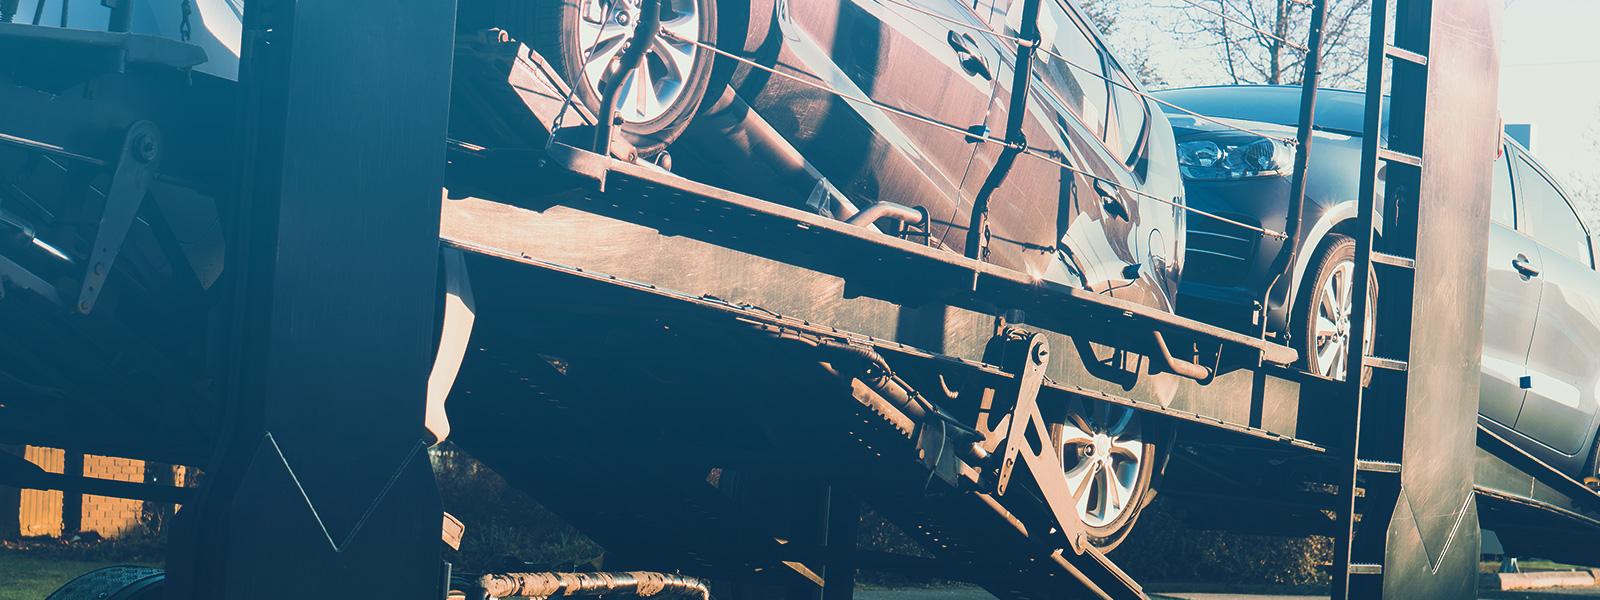 transporte-veiculos-novos-desafio-montadoras-blog-ceabs